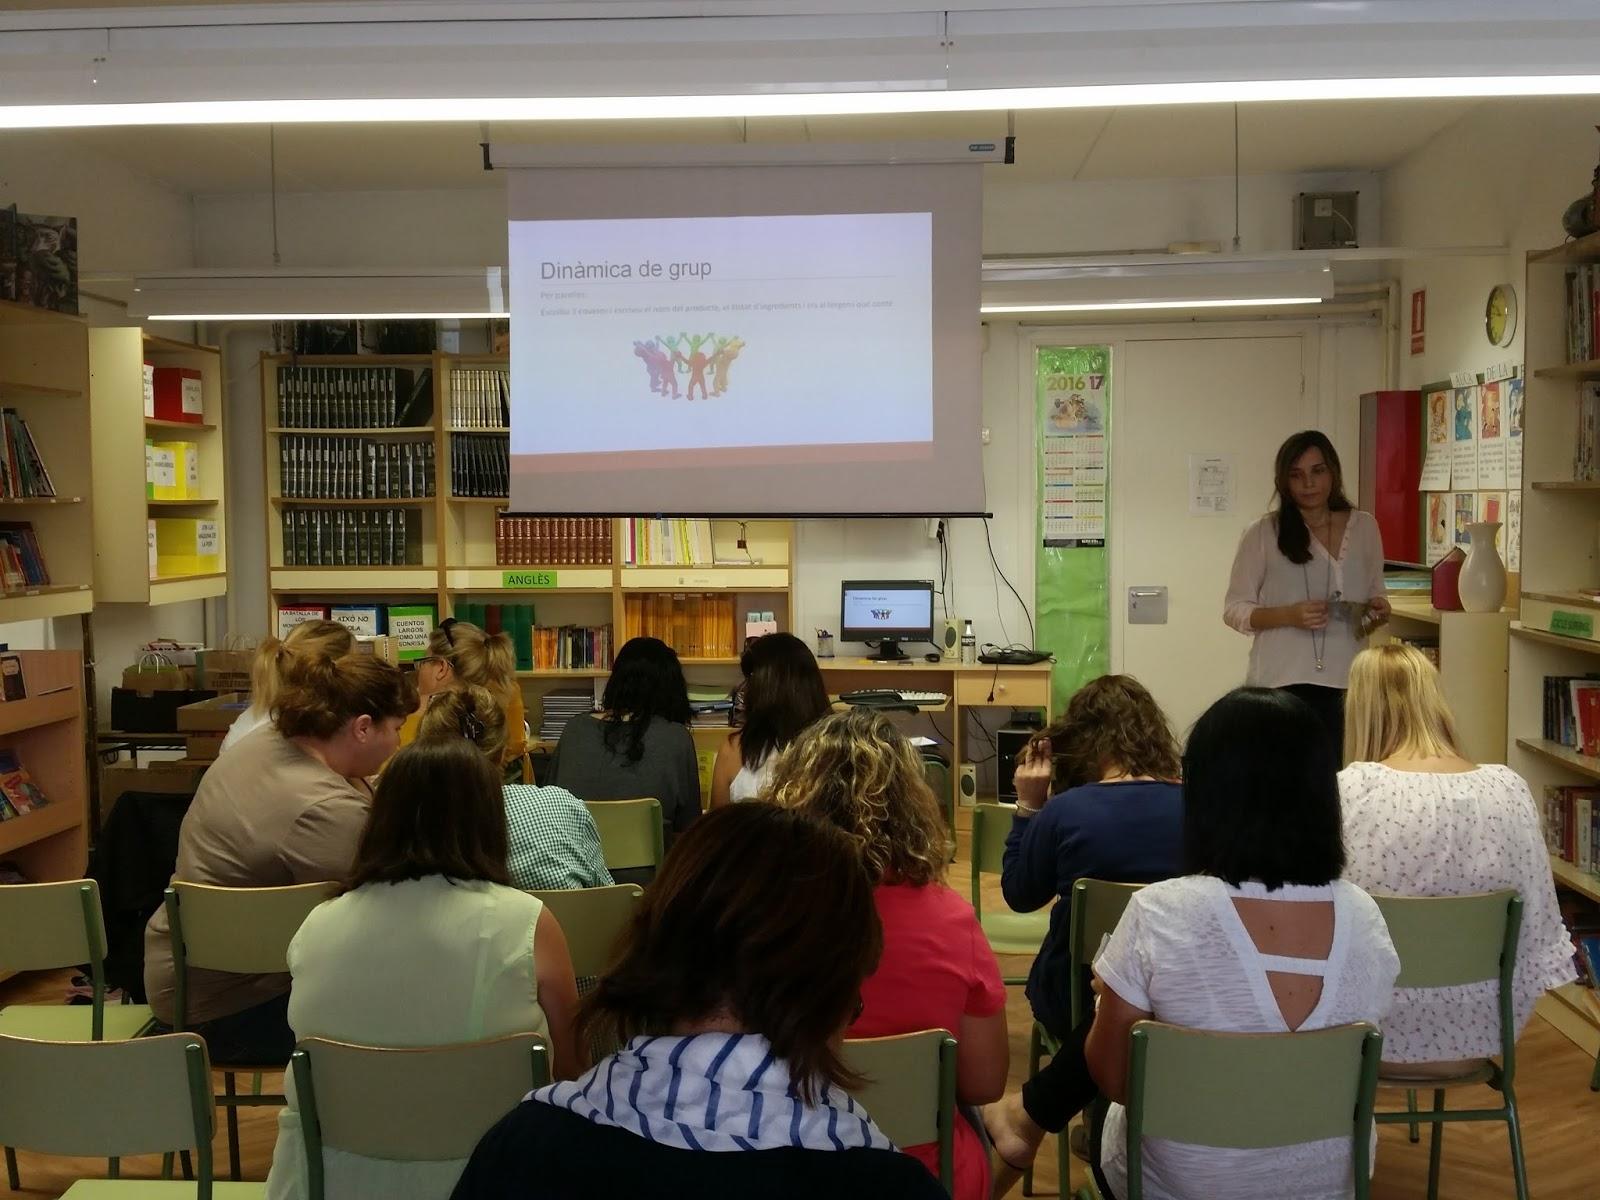 Formació en al·lèrgies i intoleràncies al menjador escolar